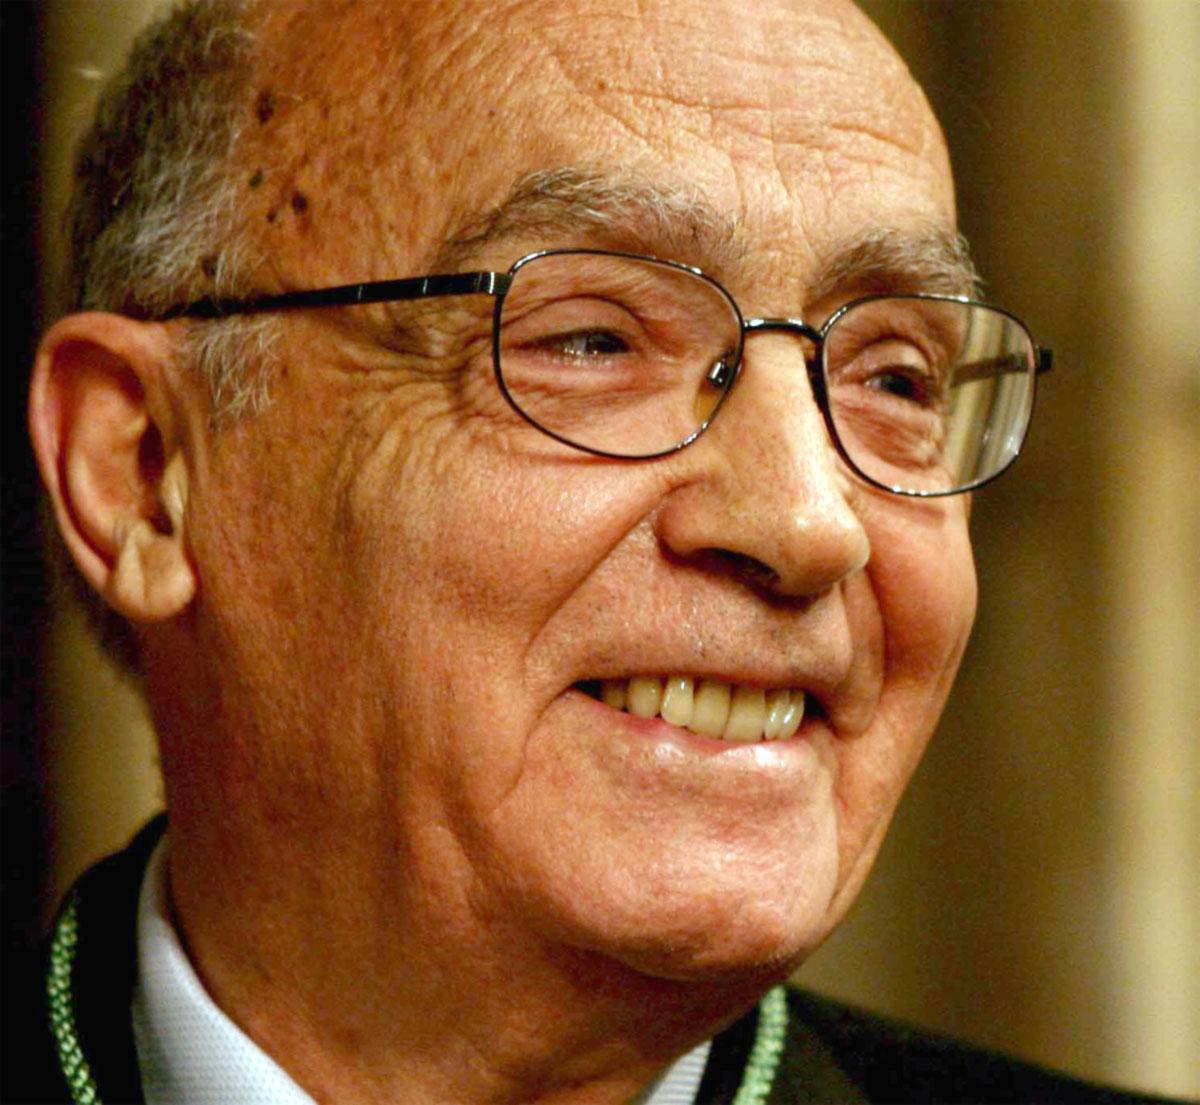 José Saramago, dissidente ritrattista, ironico e compassionevole, dell'umanità